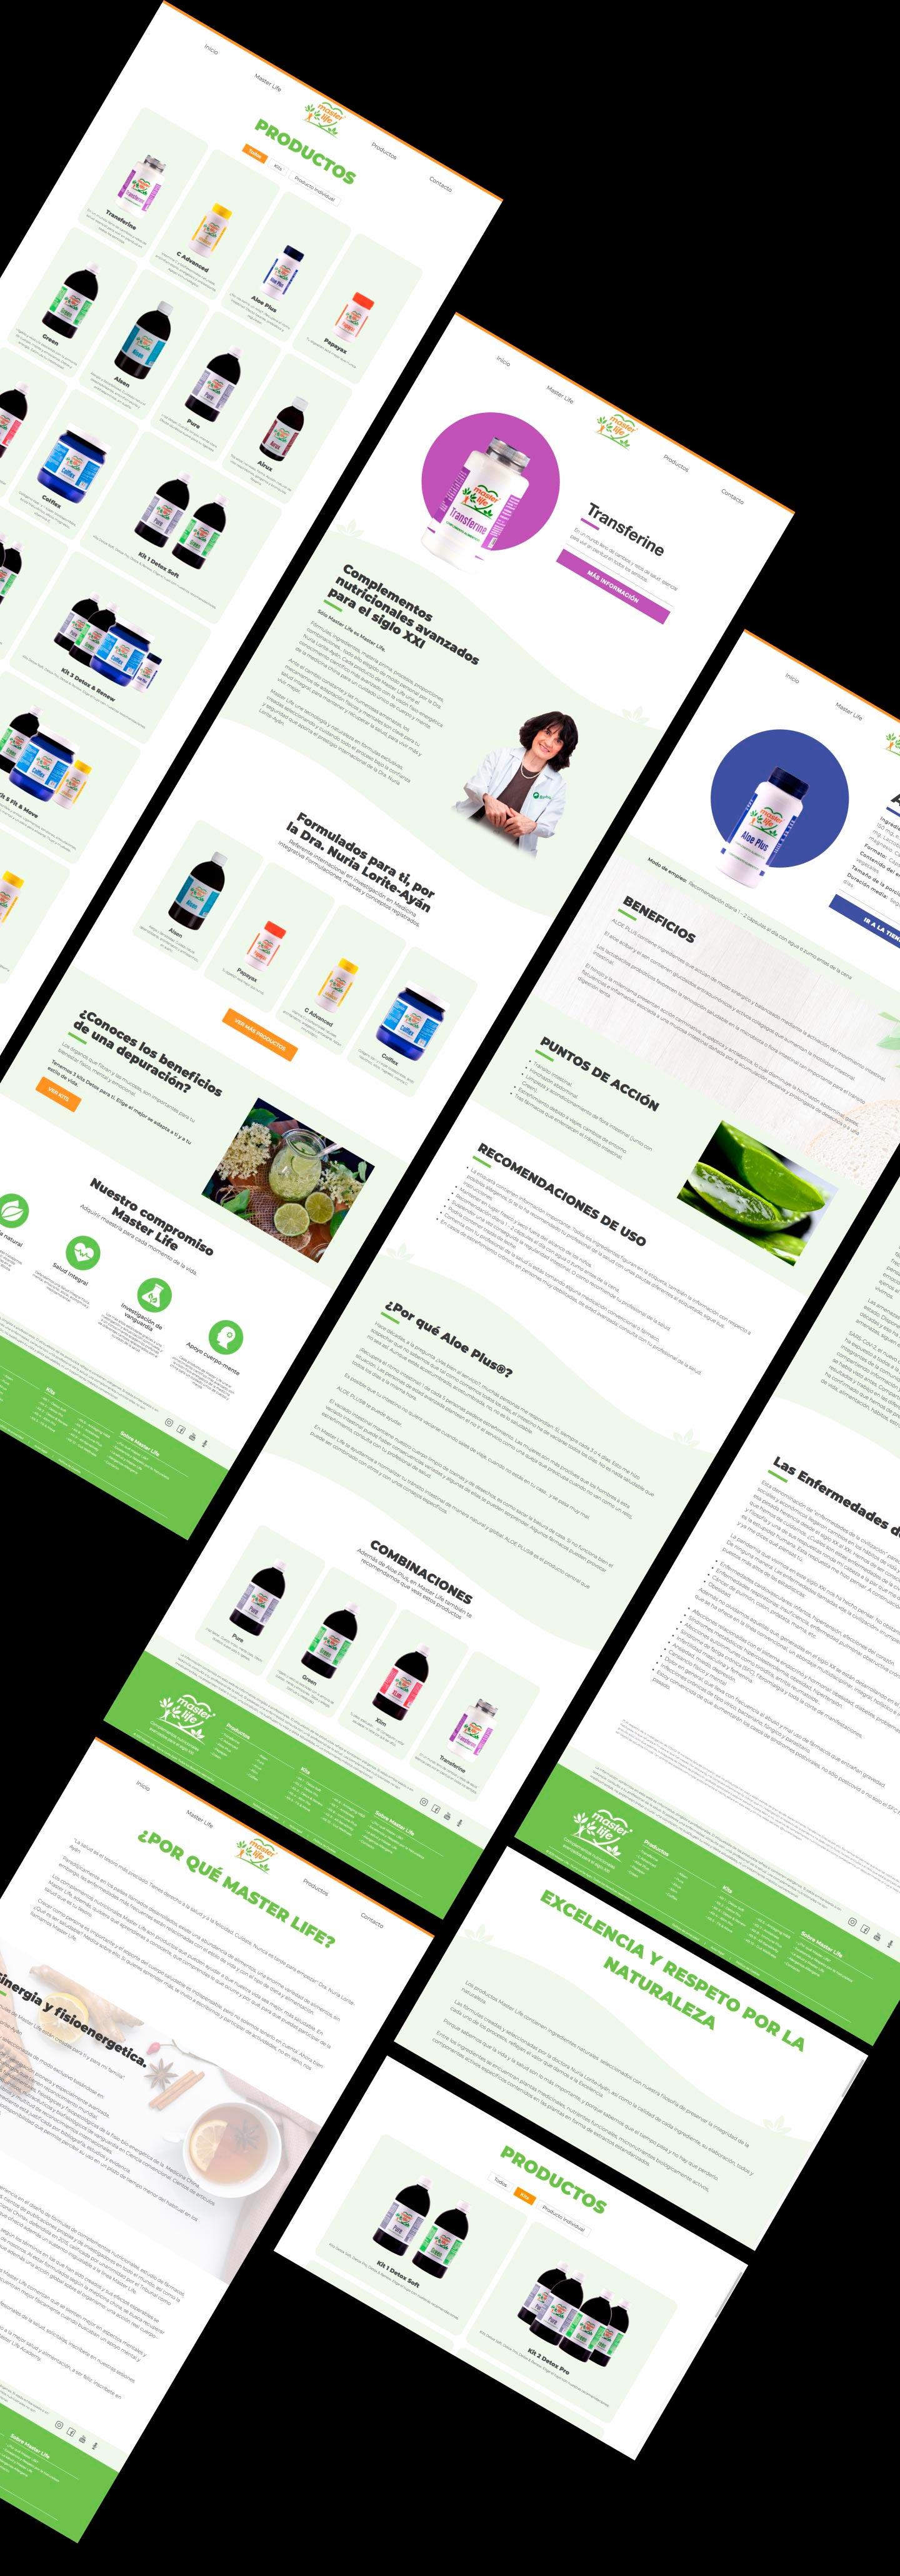 Diseñador freelance de páginas web a medida en Murcia, Madrid y Panamá City | Nómadas Comunicación Creativa